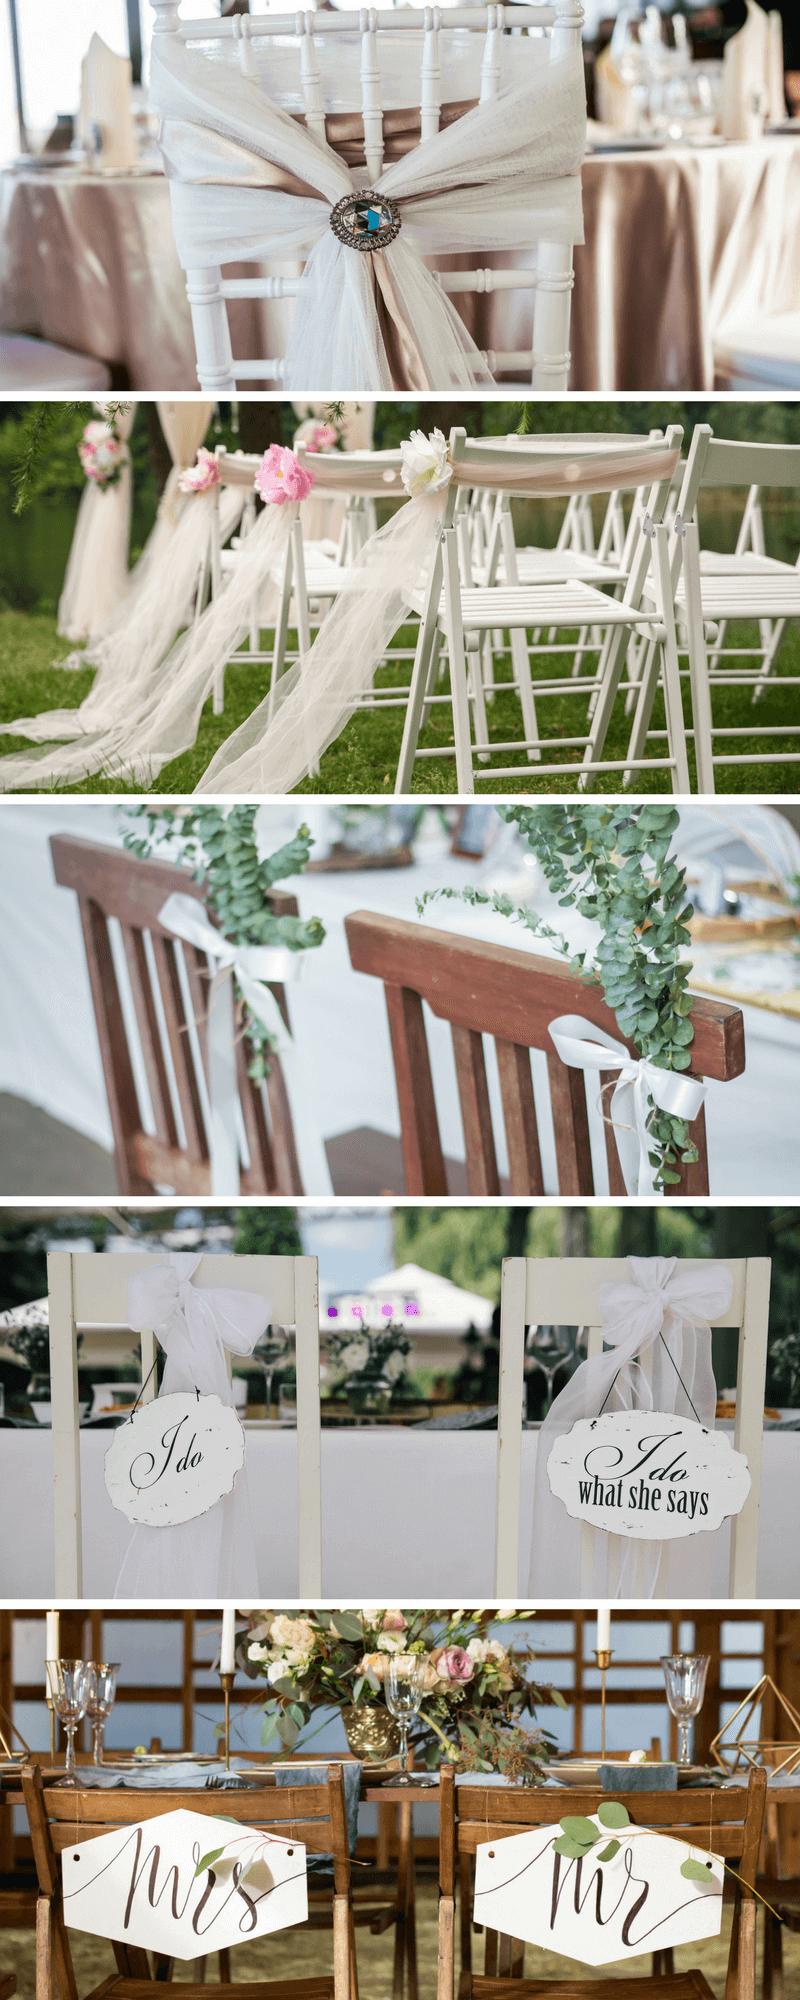 22 Einfache Diy Stuhldeko Ideen Fur Die Hochzeit Hochzeitskiste